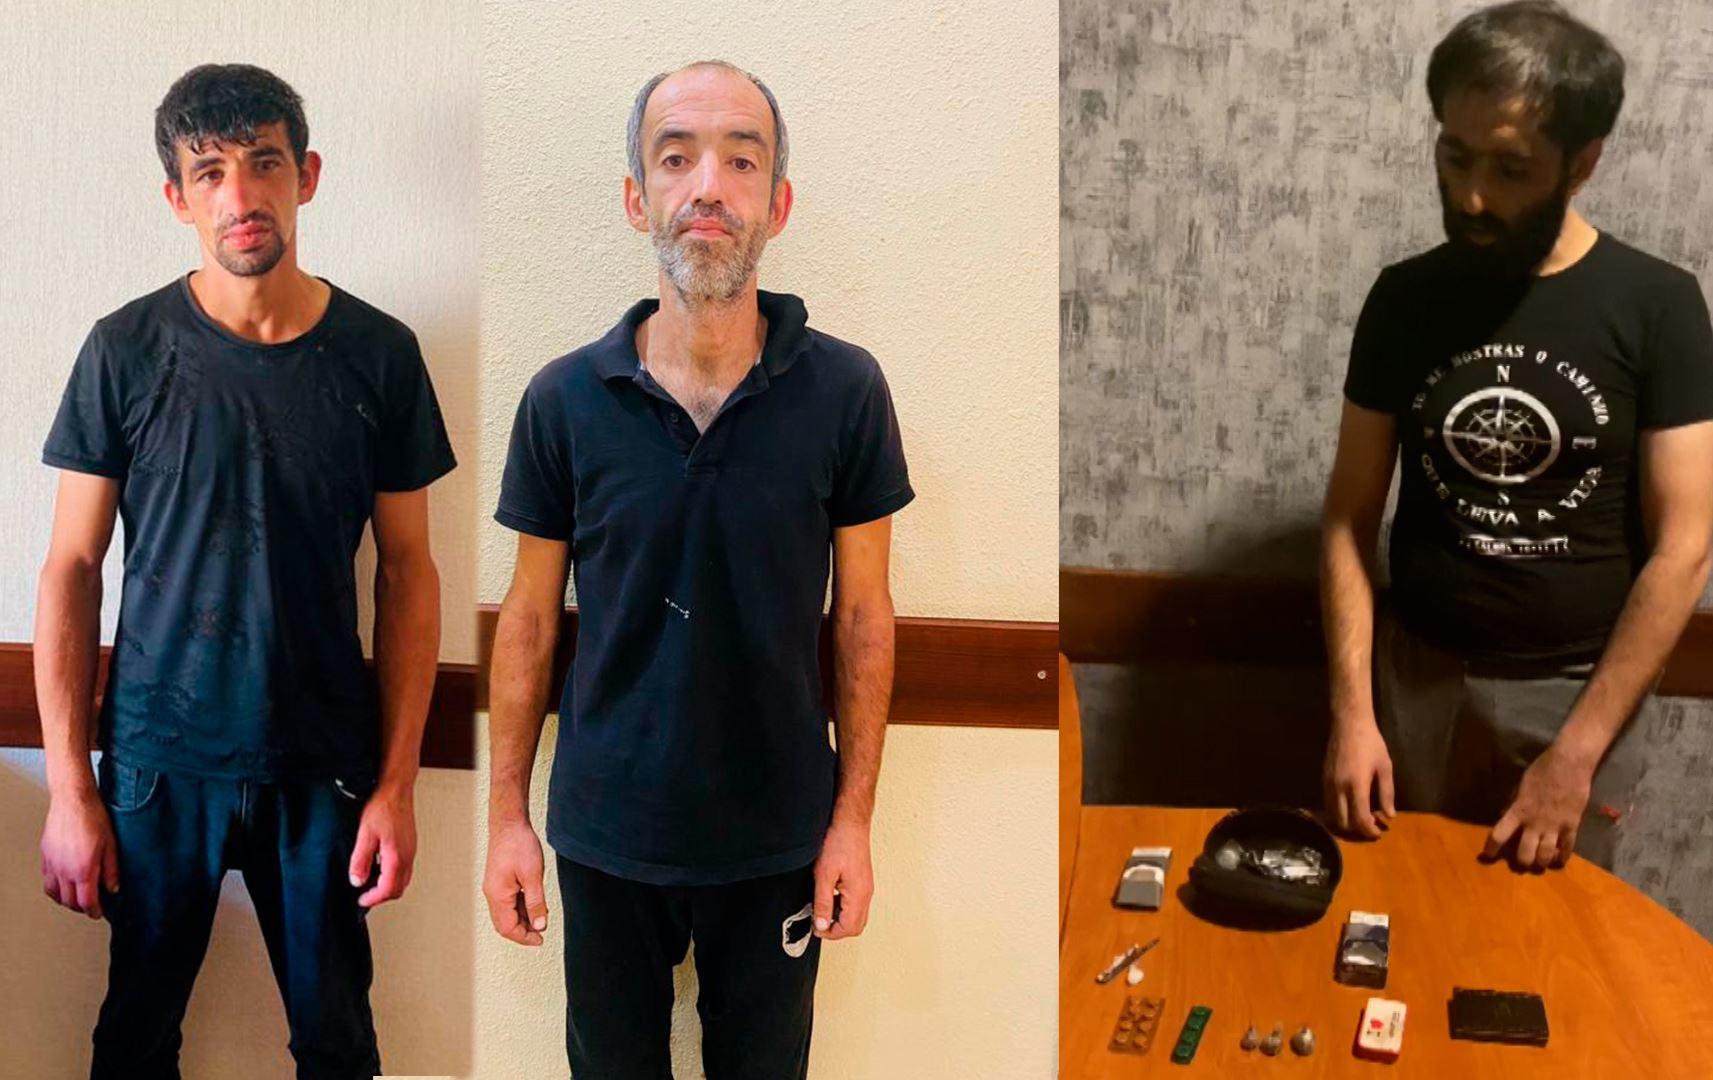 Bakıda narkotik satışı ilə məşğul olan 3 nəfər saxlanıldı